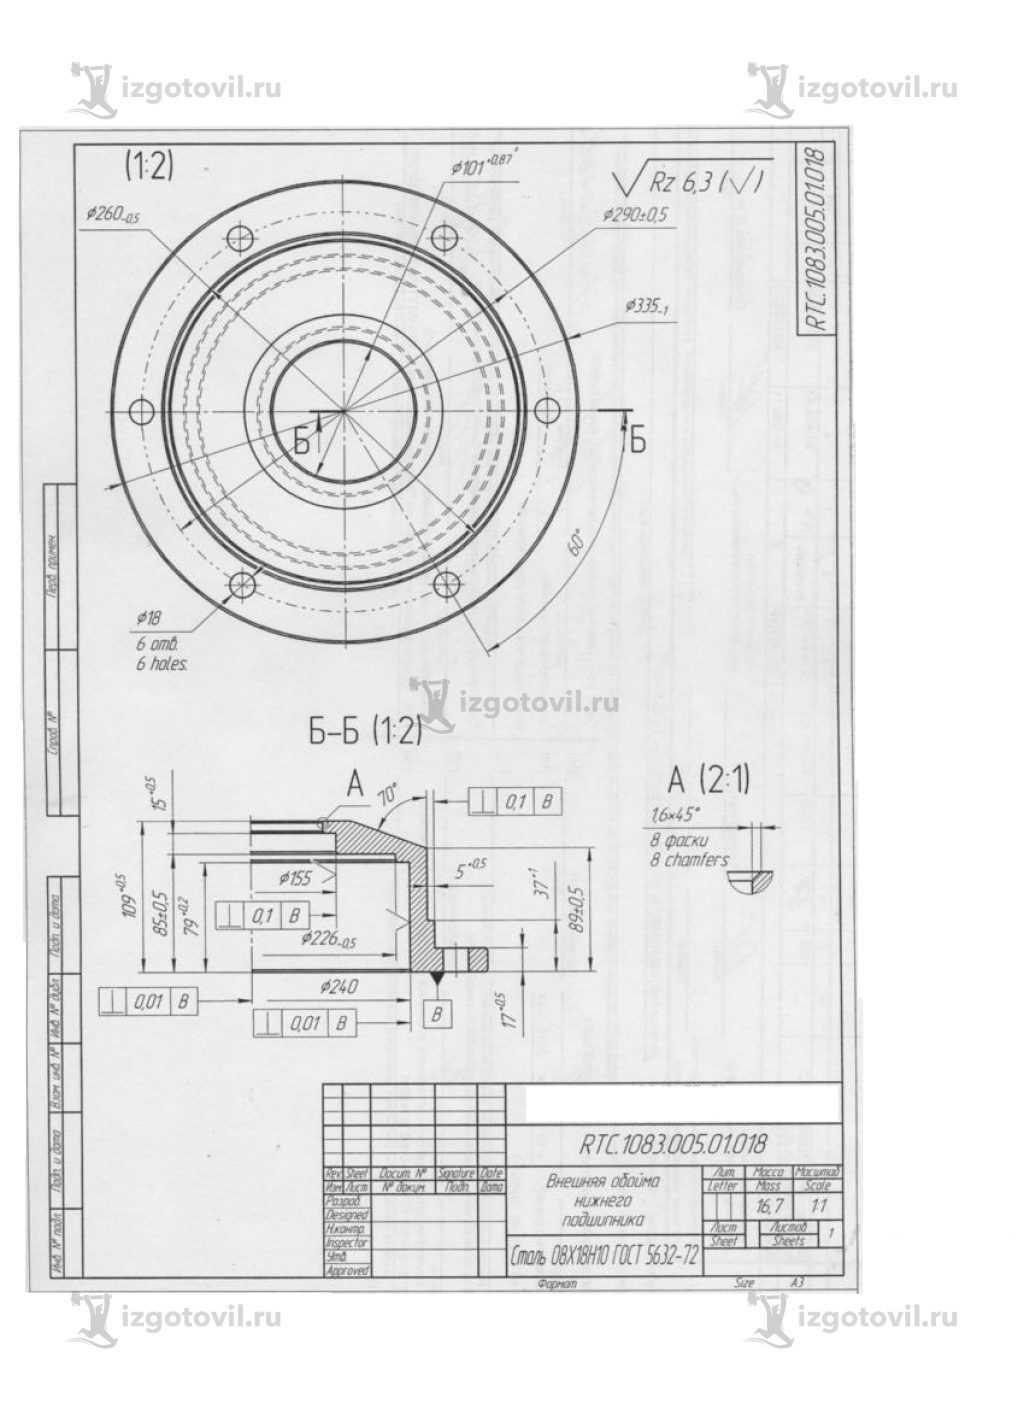 Изготовление деталей по чертежам: крышки, обоймы, фланцы, втулки и шайба